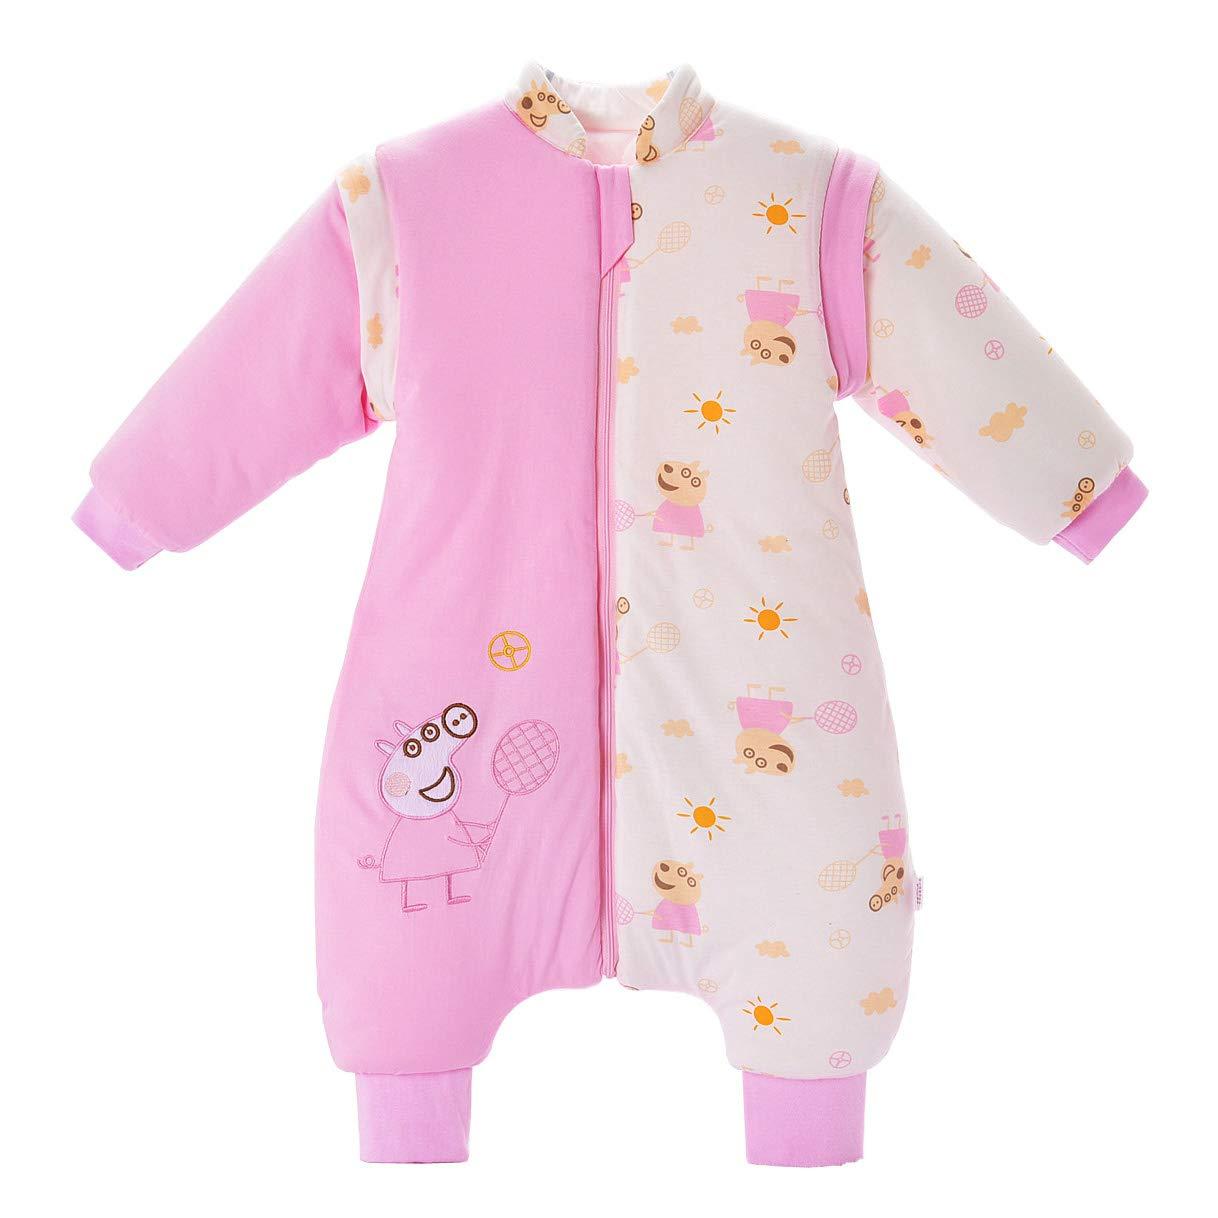 Saco de dormir para bebé con pies, para invierno, grueso, antigiro, saco de dormir para bebé, 3,5 tog, azul Polar bear Talla:M/Größe: 70cm (0-12 Monate)